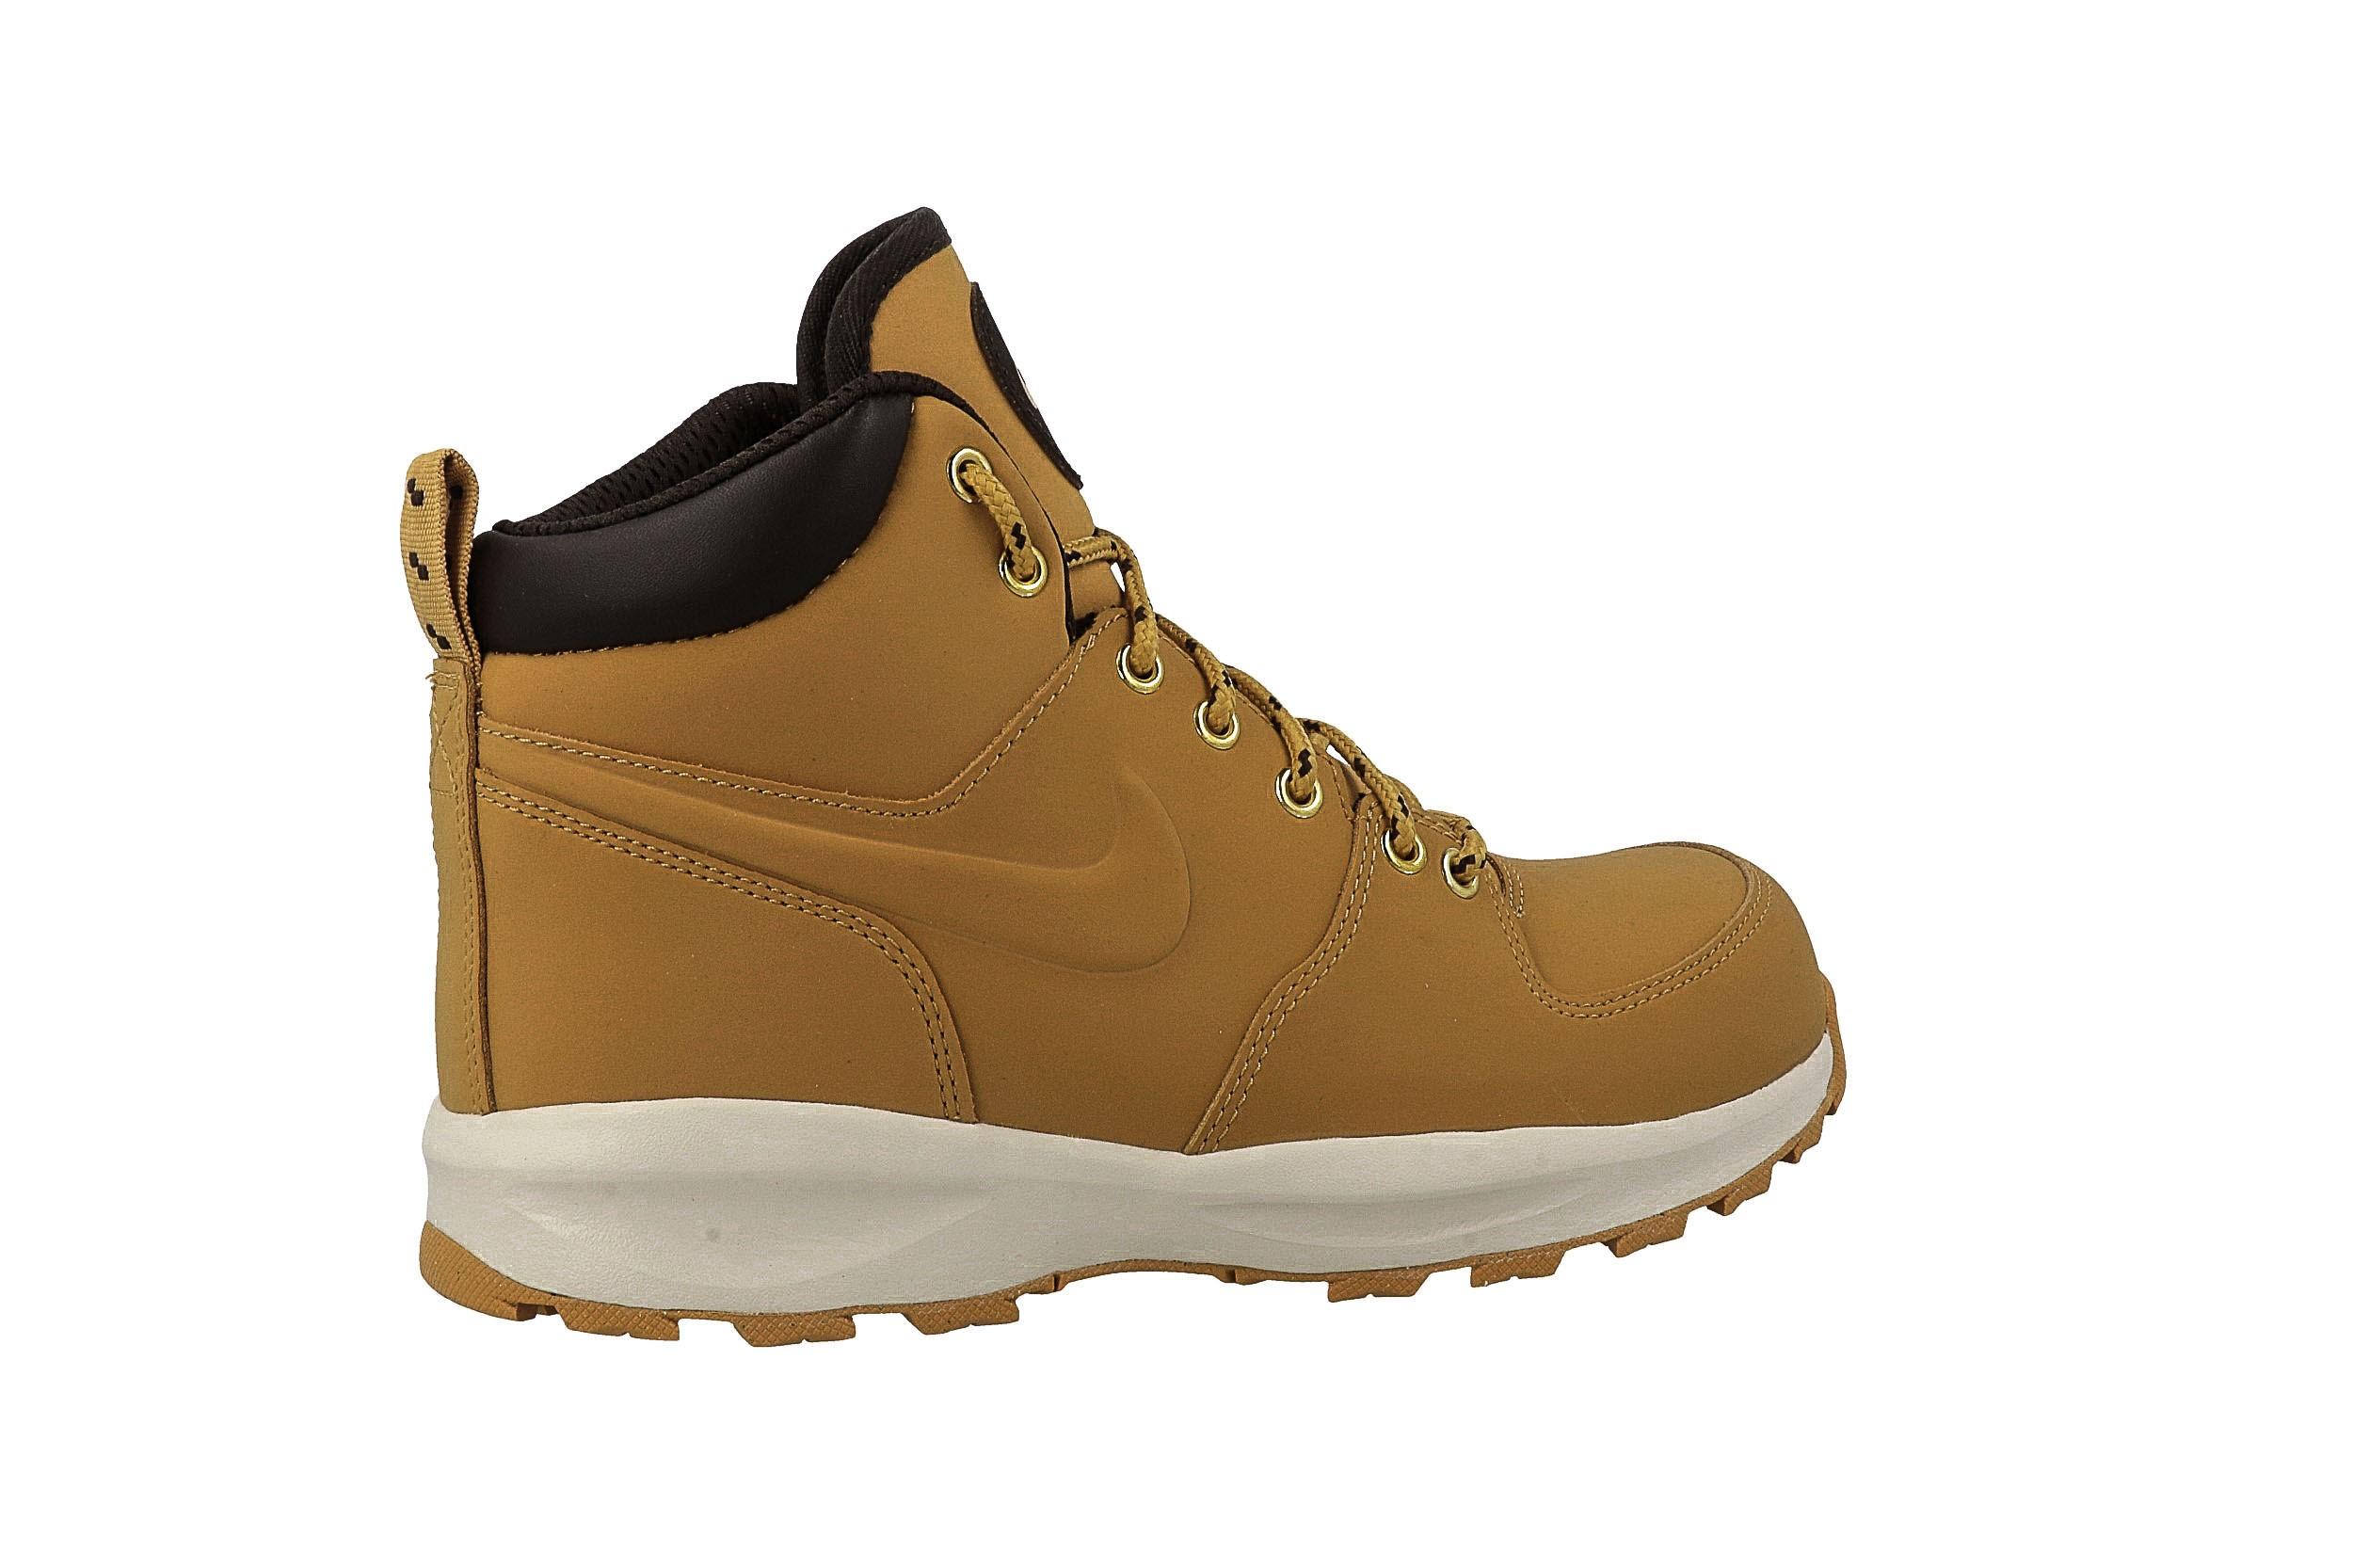 Cipő NIKE - Manoa (GS) AJ1280 700 Haystack/Haystack/Velvet Brown - Sneakers - Félcipő - Női